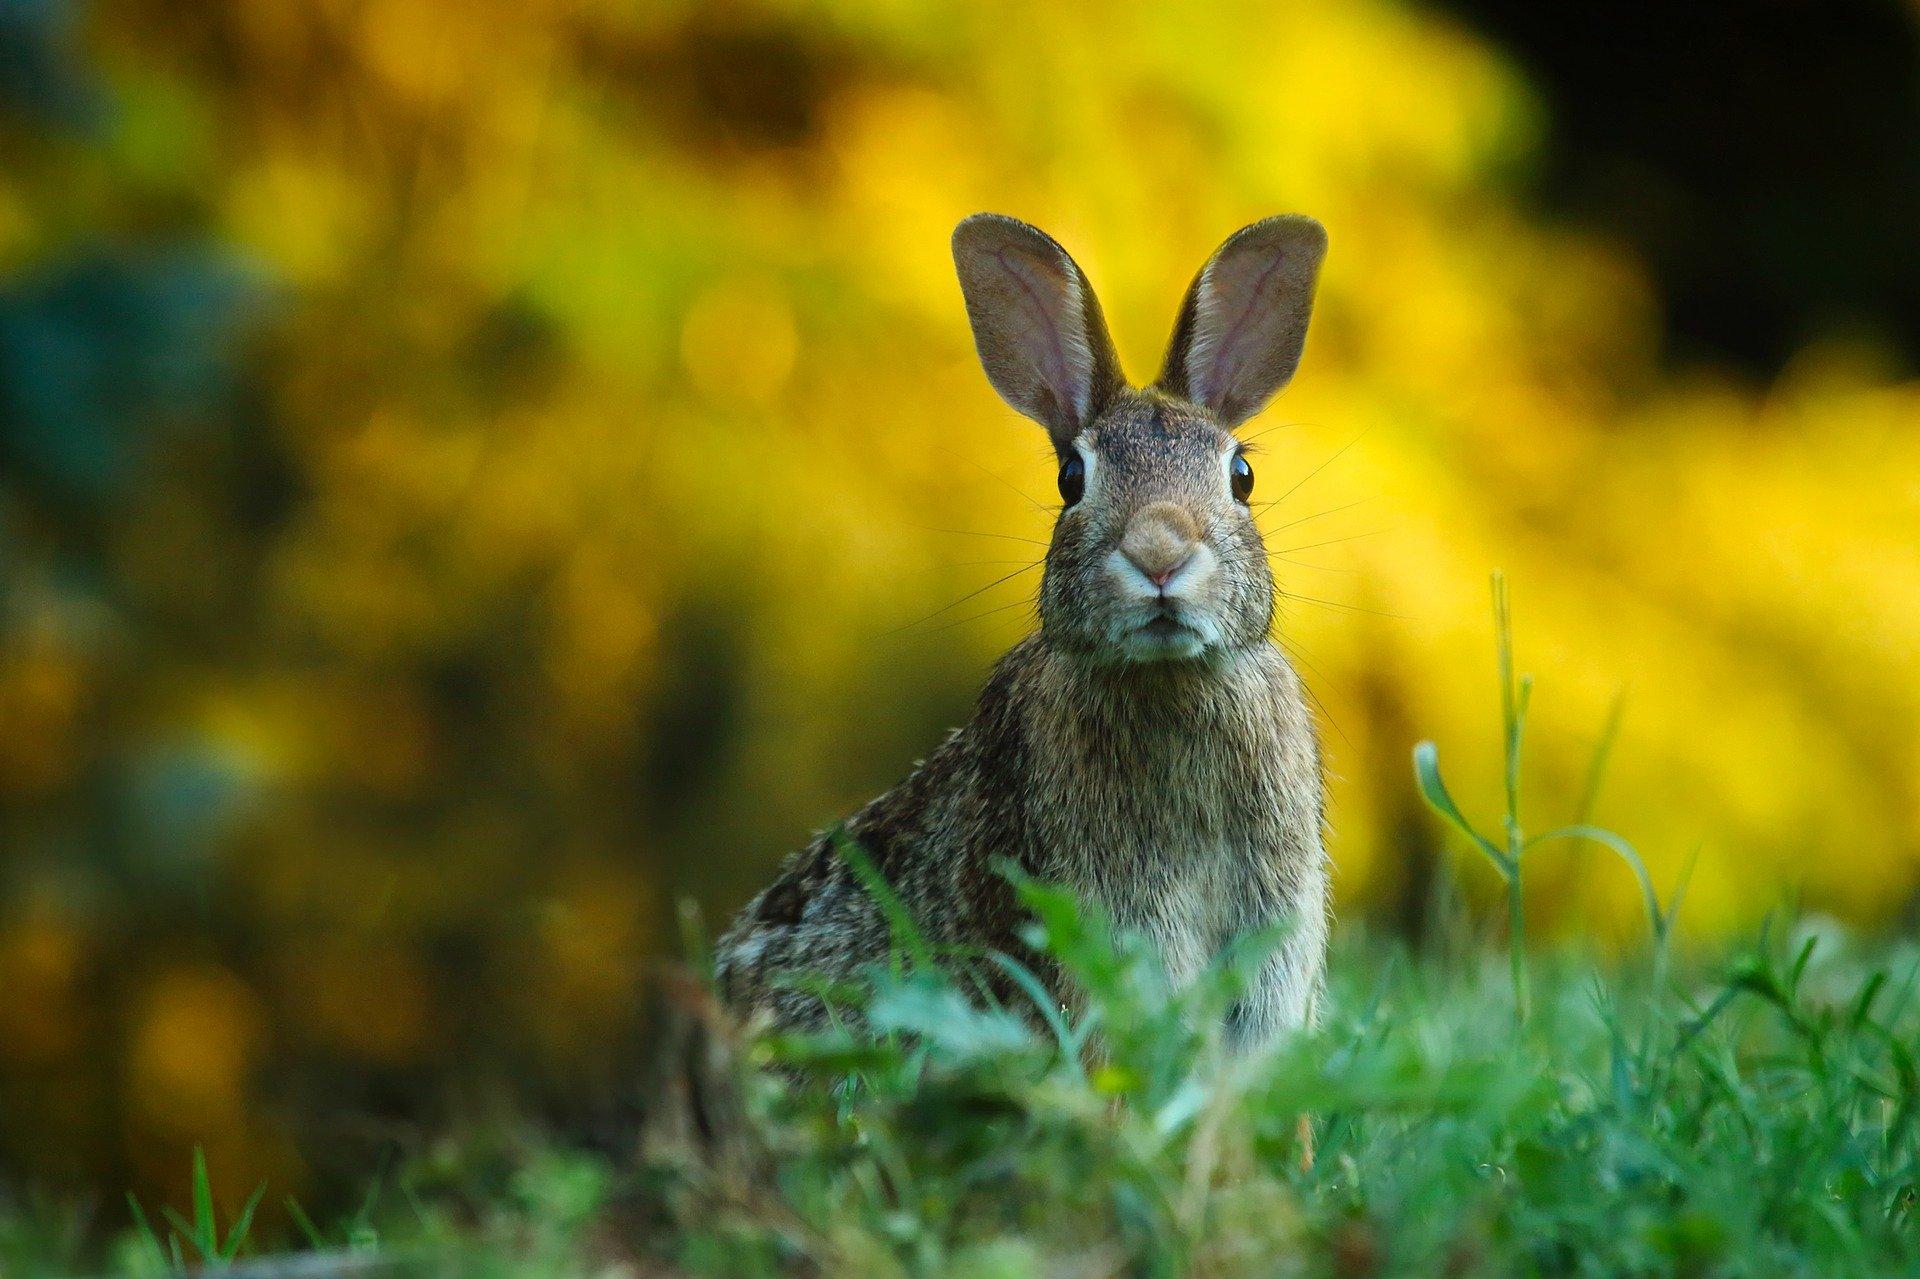 rabbit looking at camera